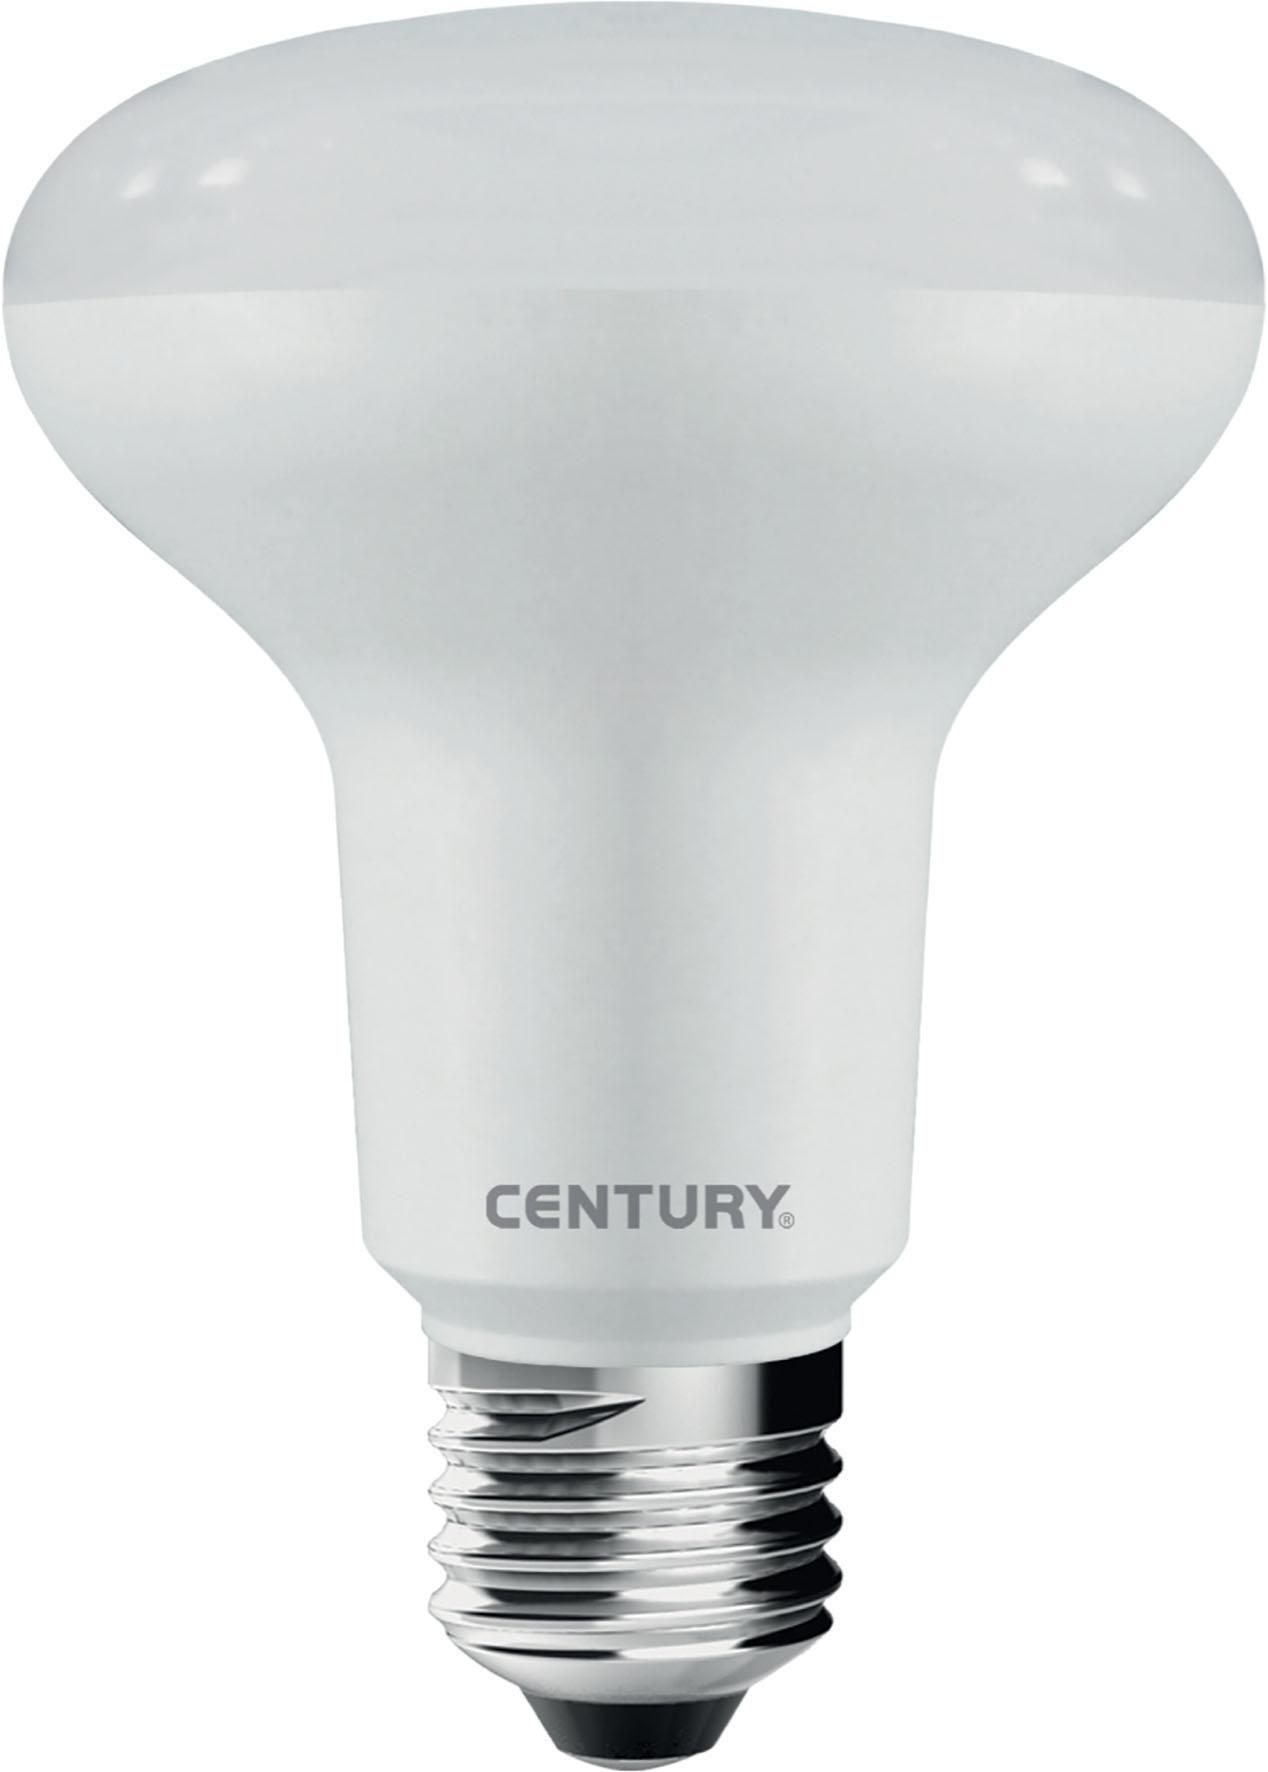 LAMPAD LED SPOT LIGHT 15W E27